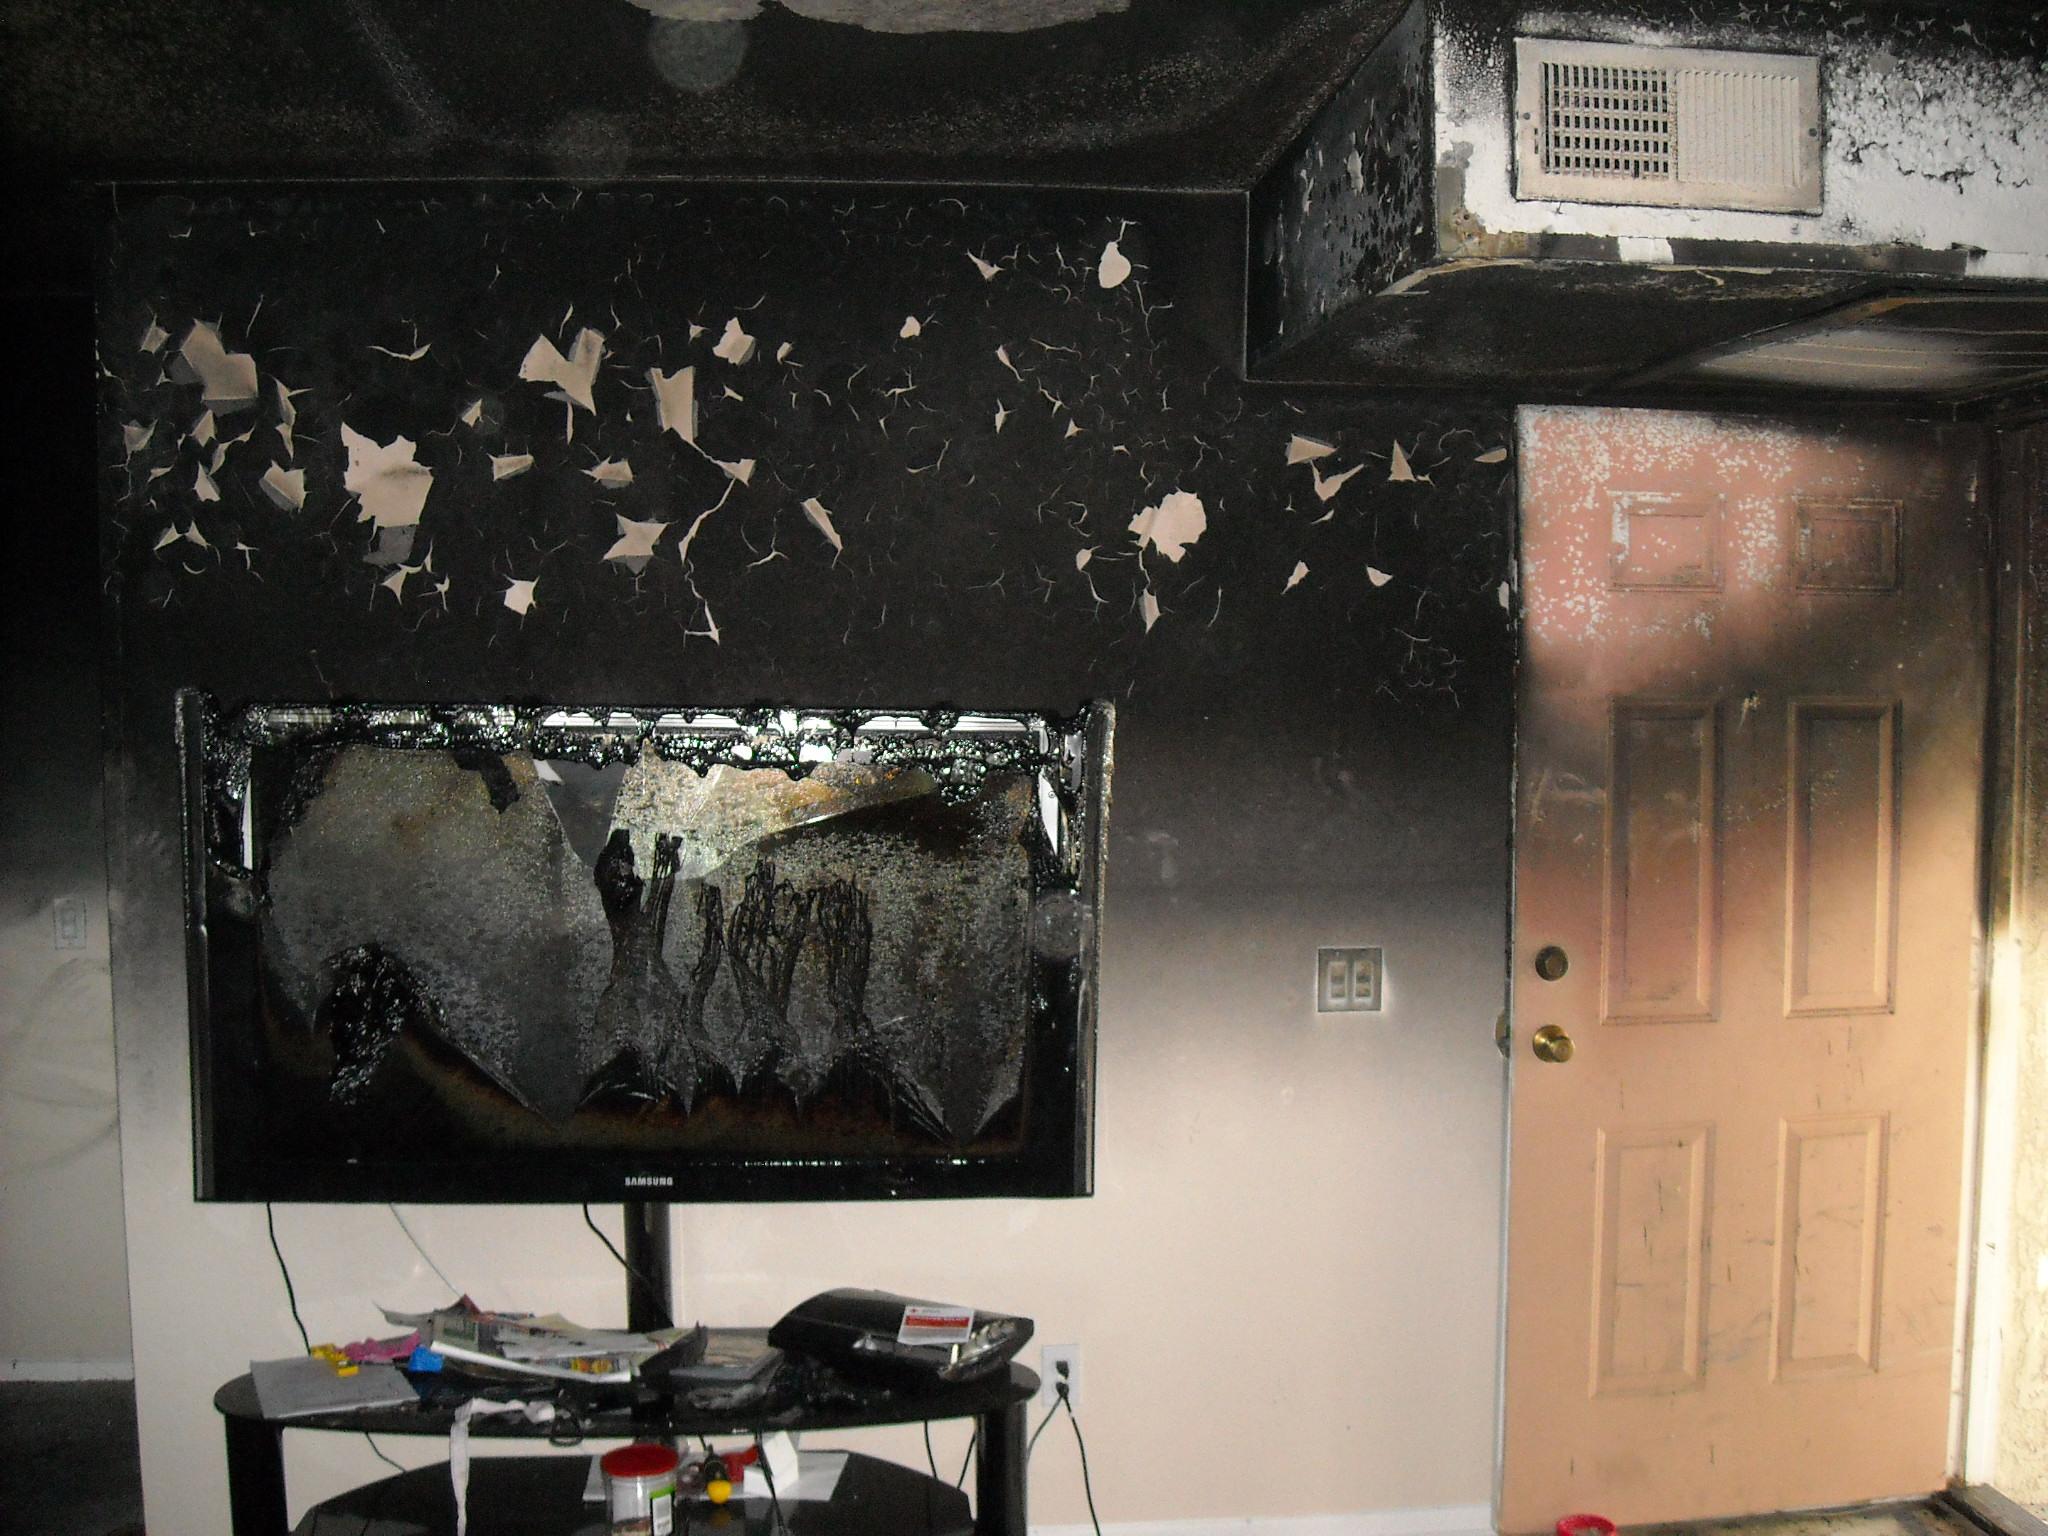 Repair fire damage